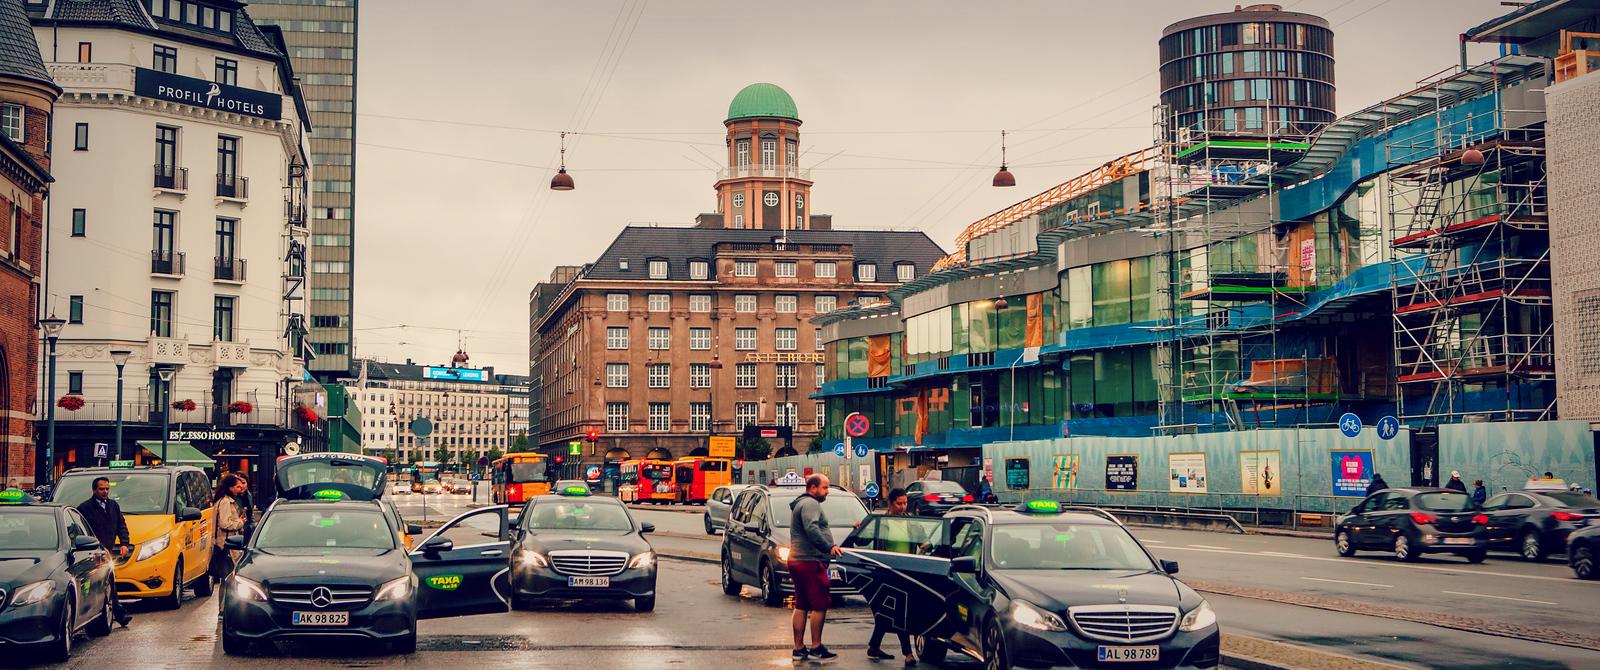 丹麦哥本哈根,街景扫描